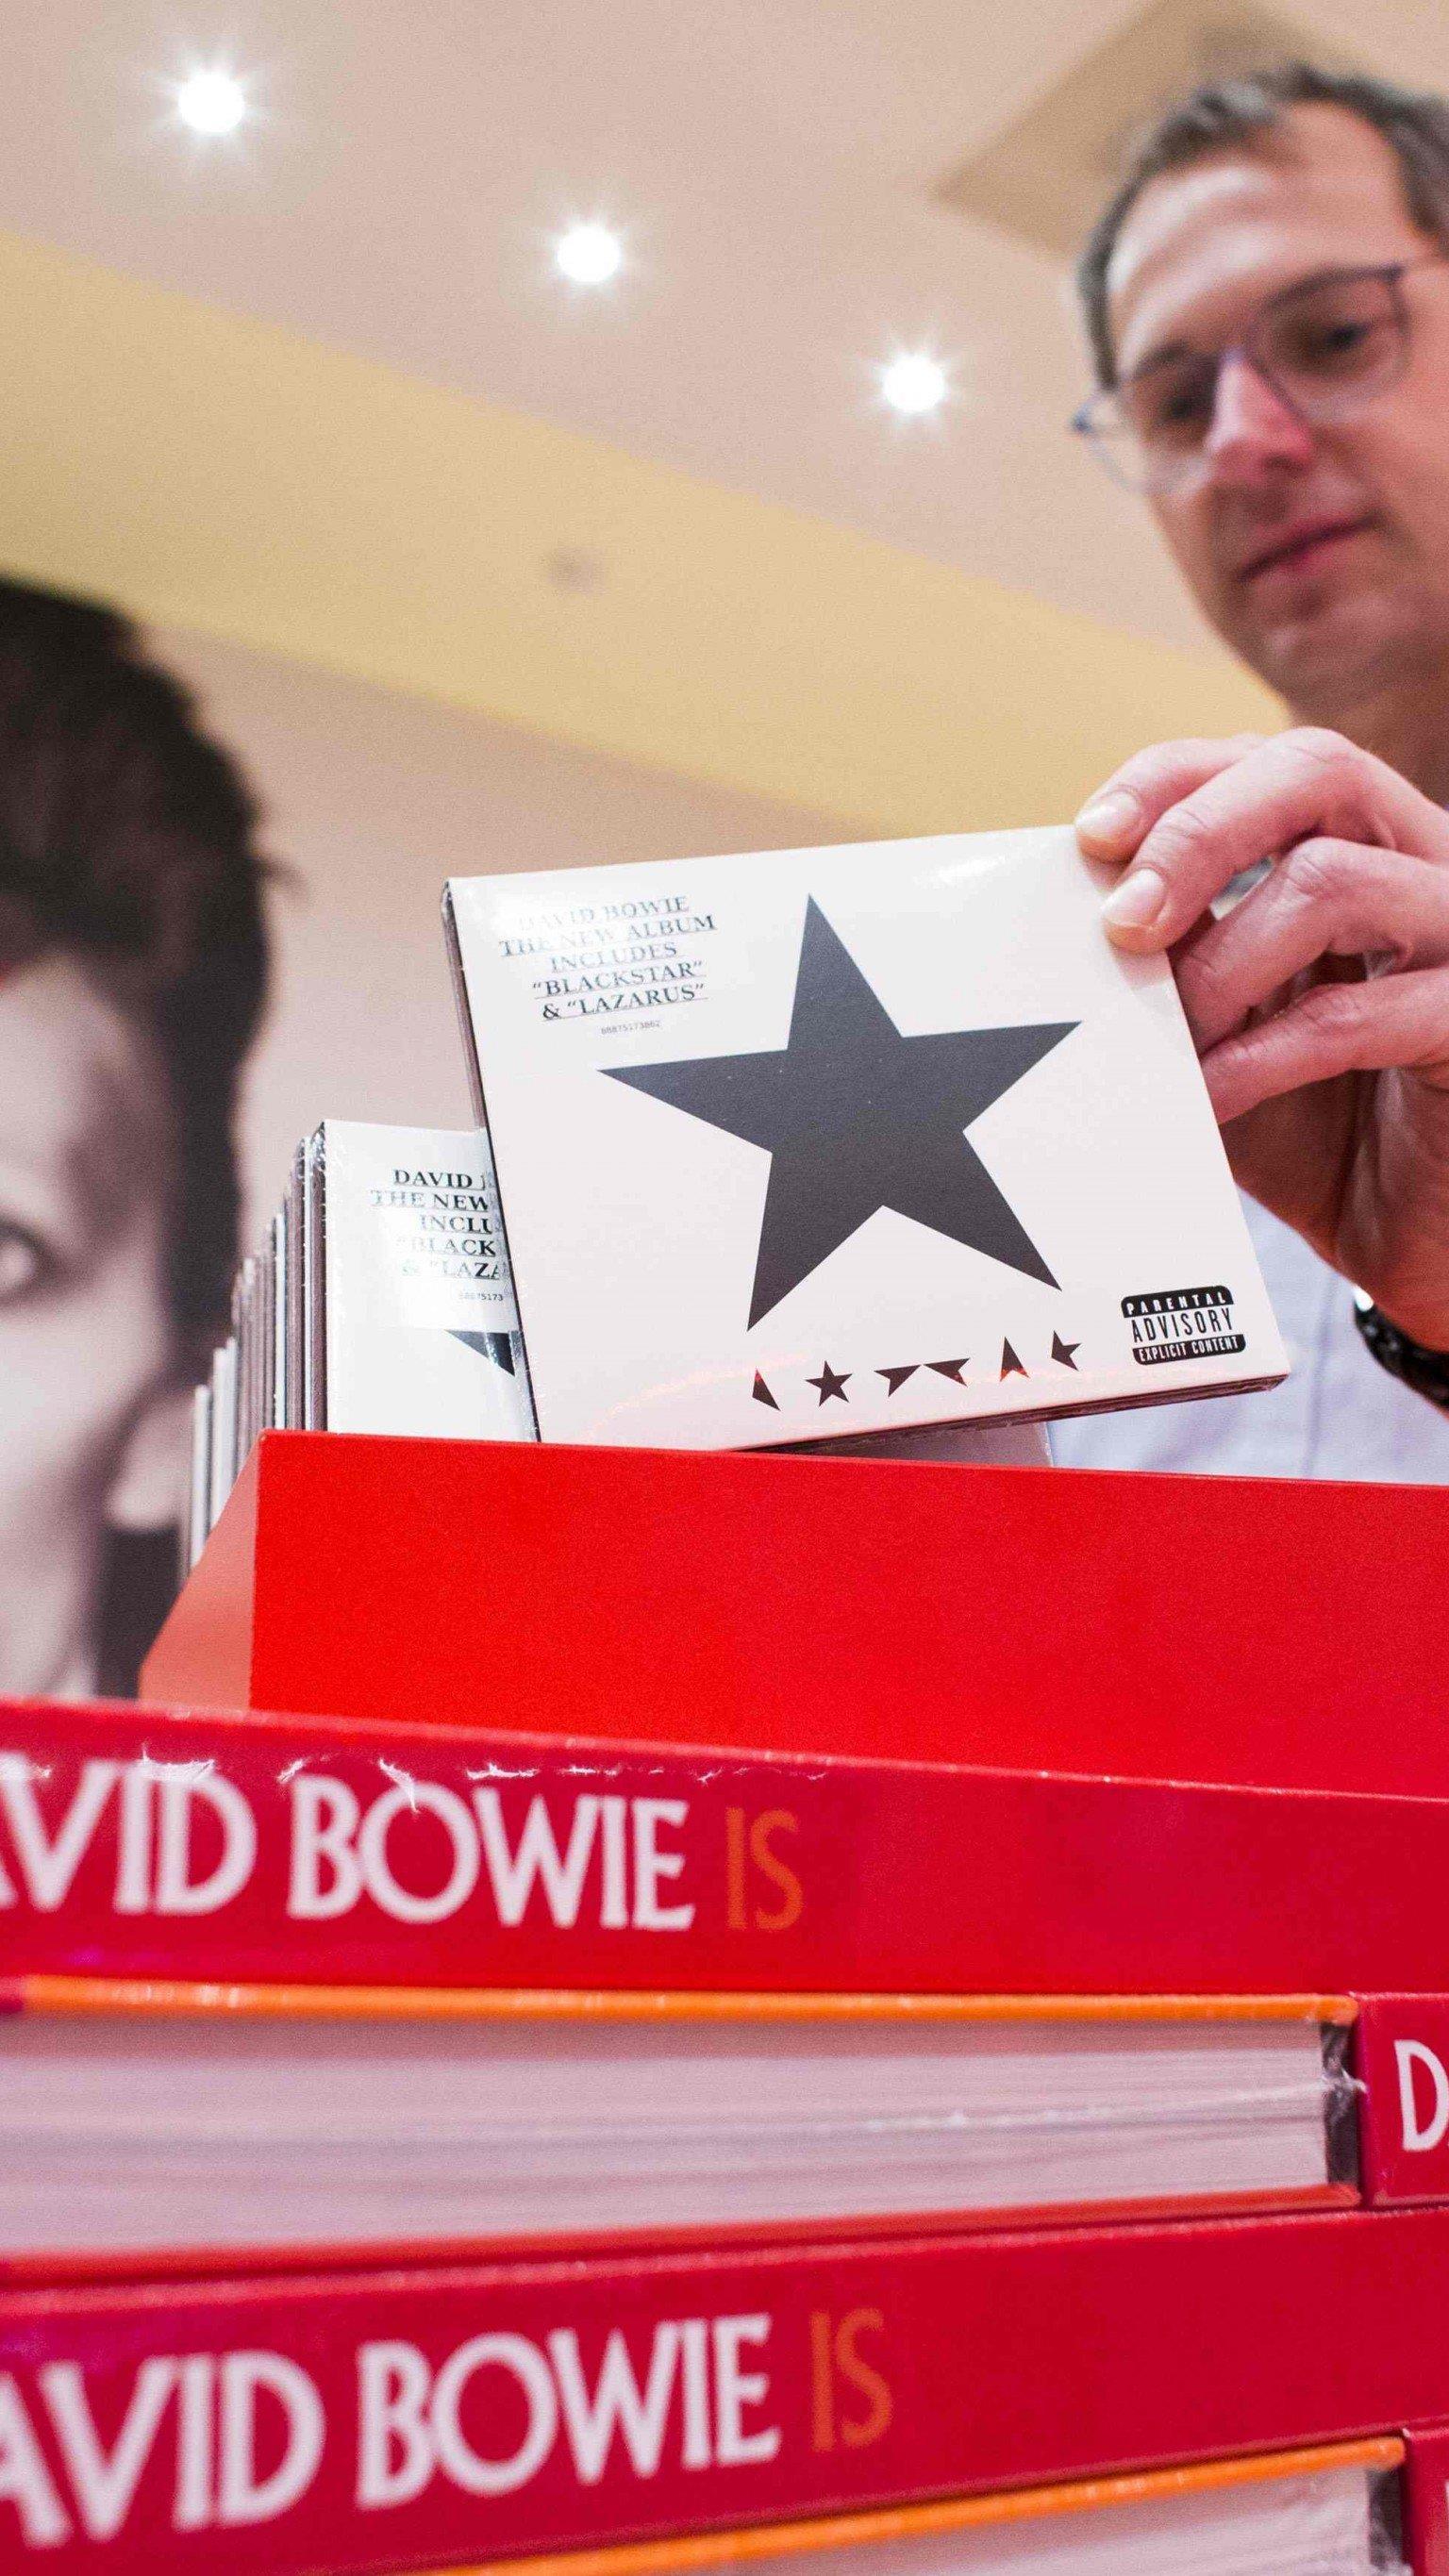 """Es klingt wie eine düstere Ahnung: """"Blackstar"""", also schwarzer Stern, heißt das letzte Album von David Bowie."""